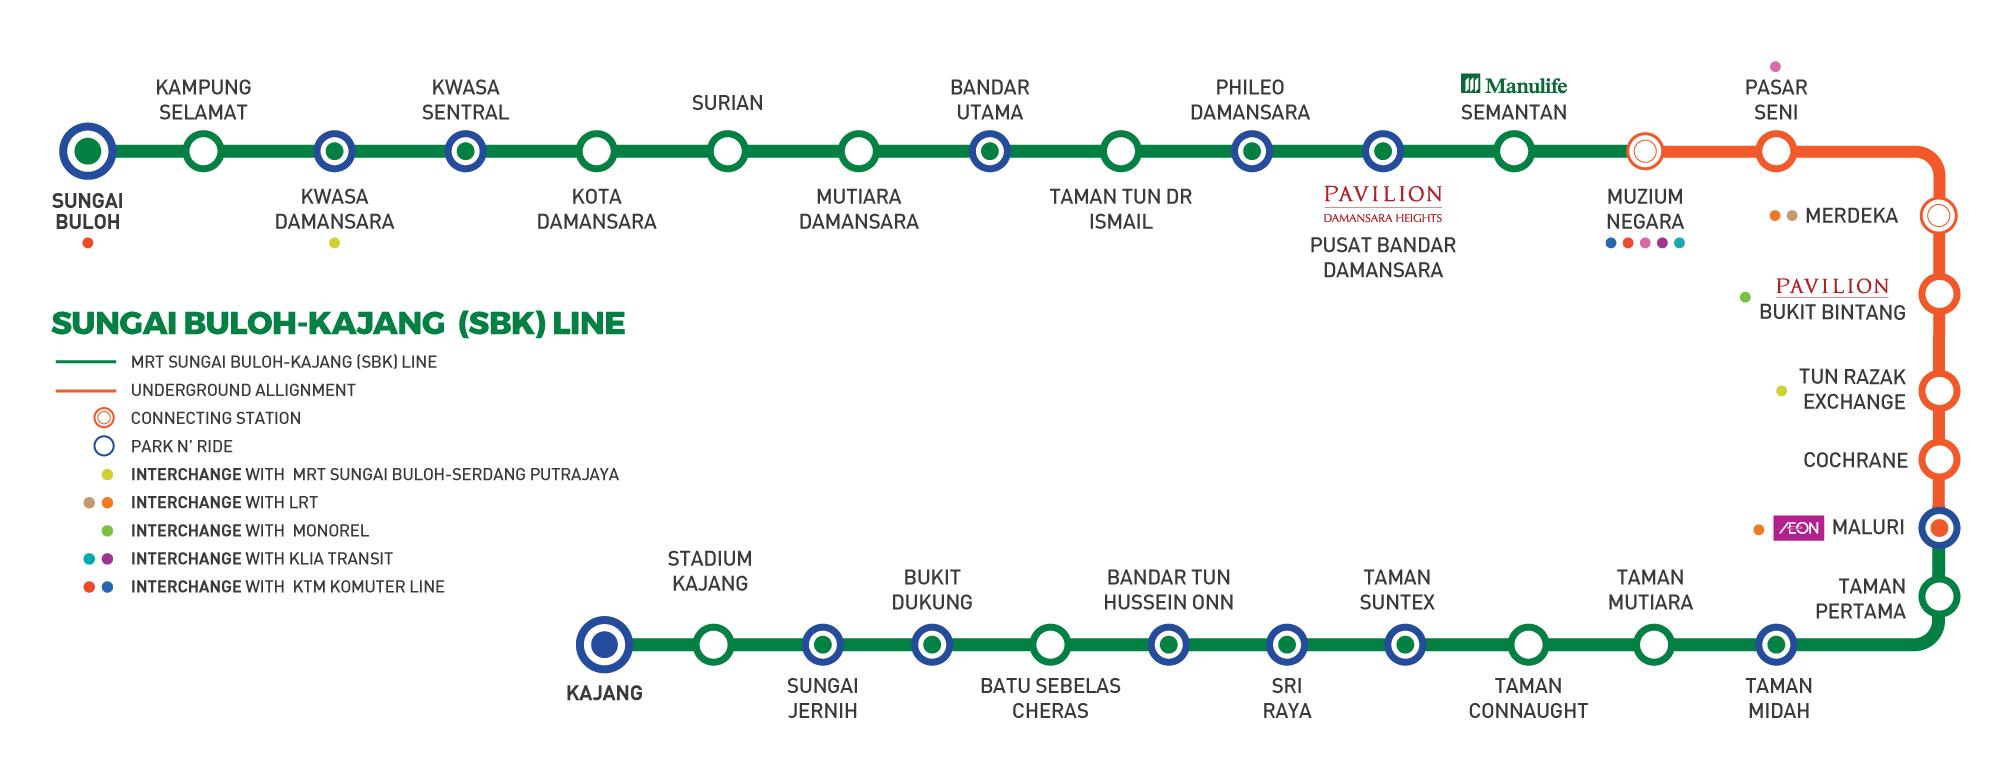 MRT Sungai Buloh-Kajang (SBK) Line | KL Sentral